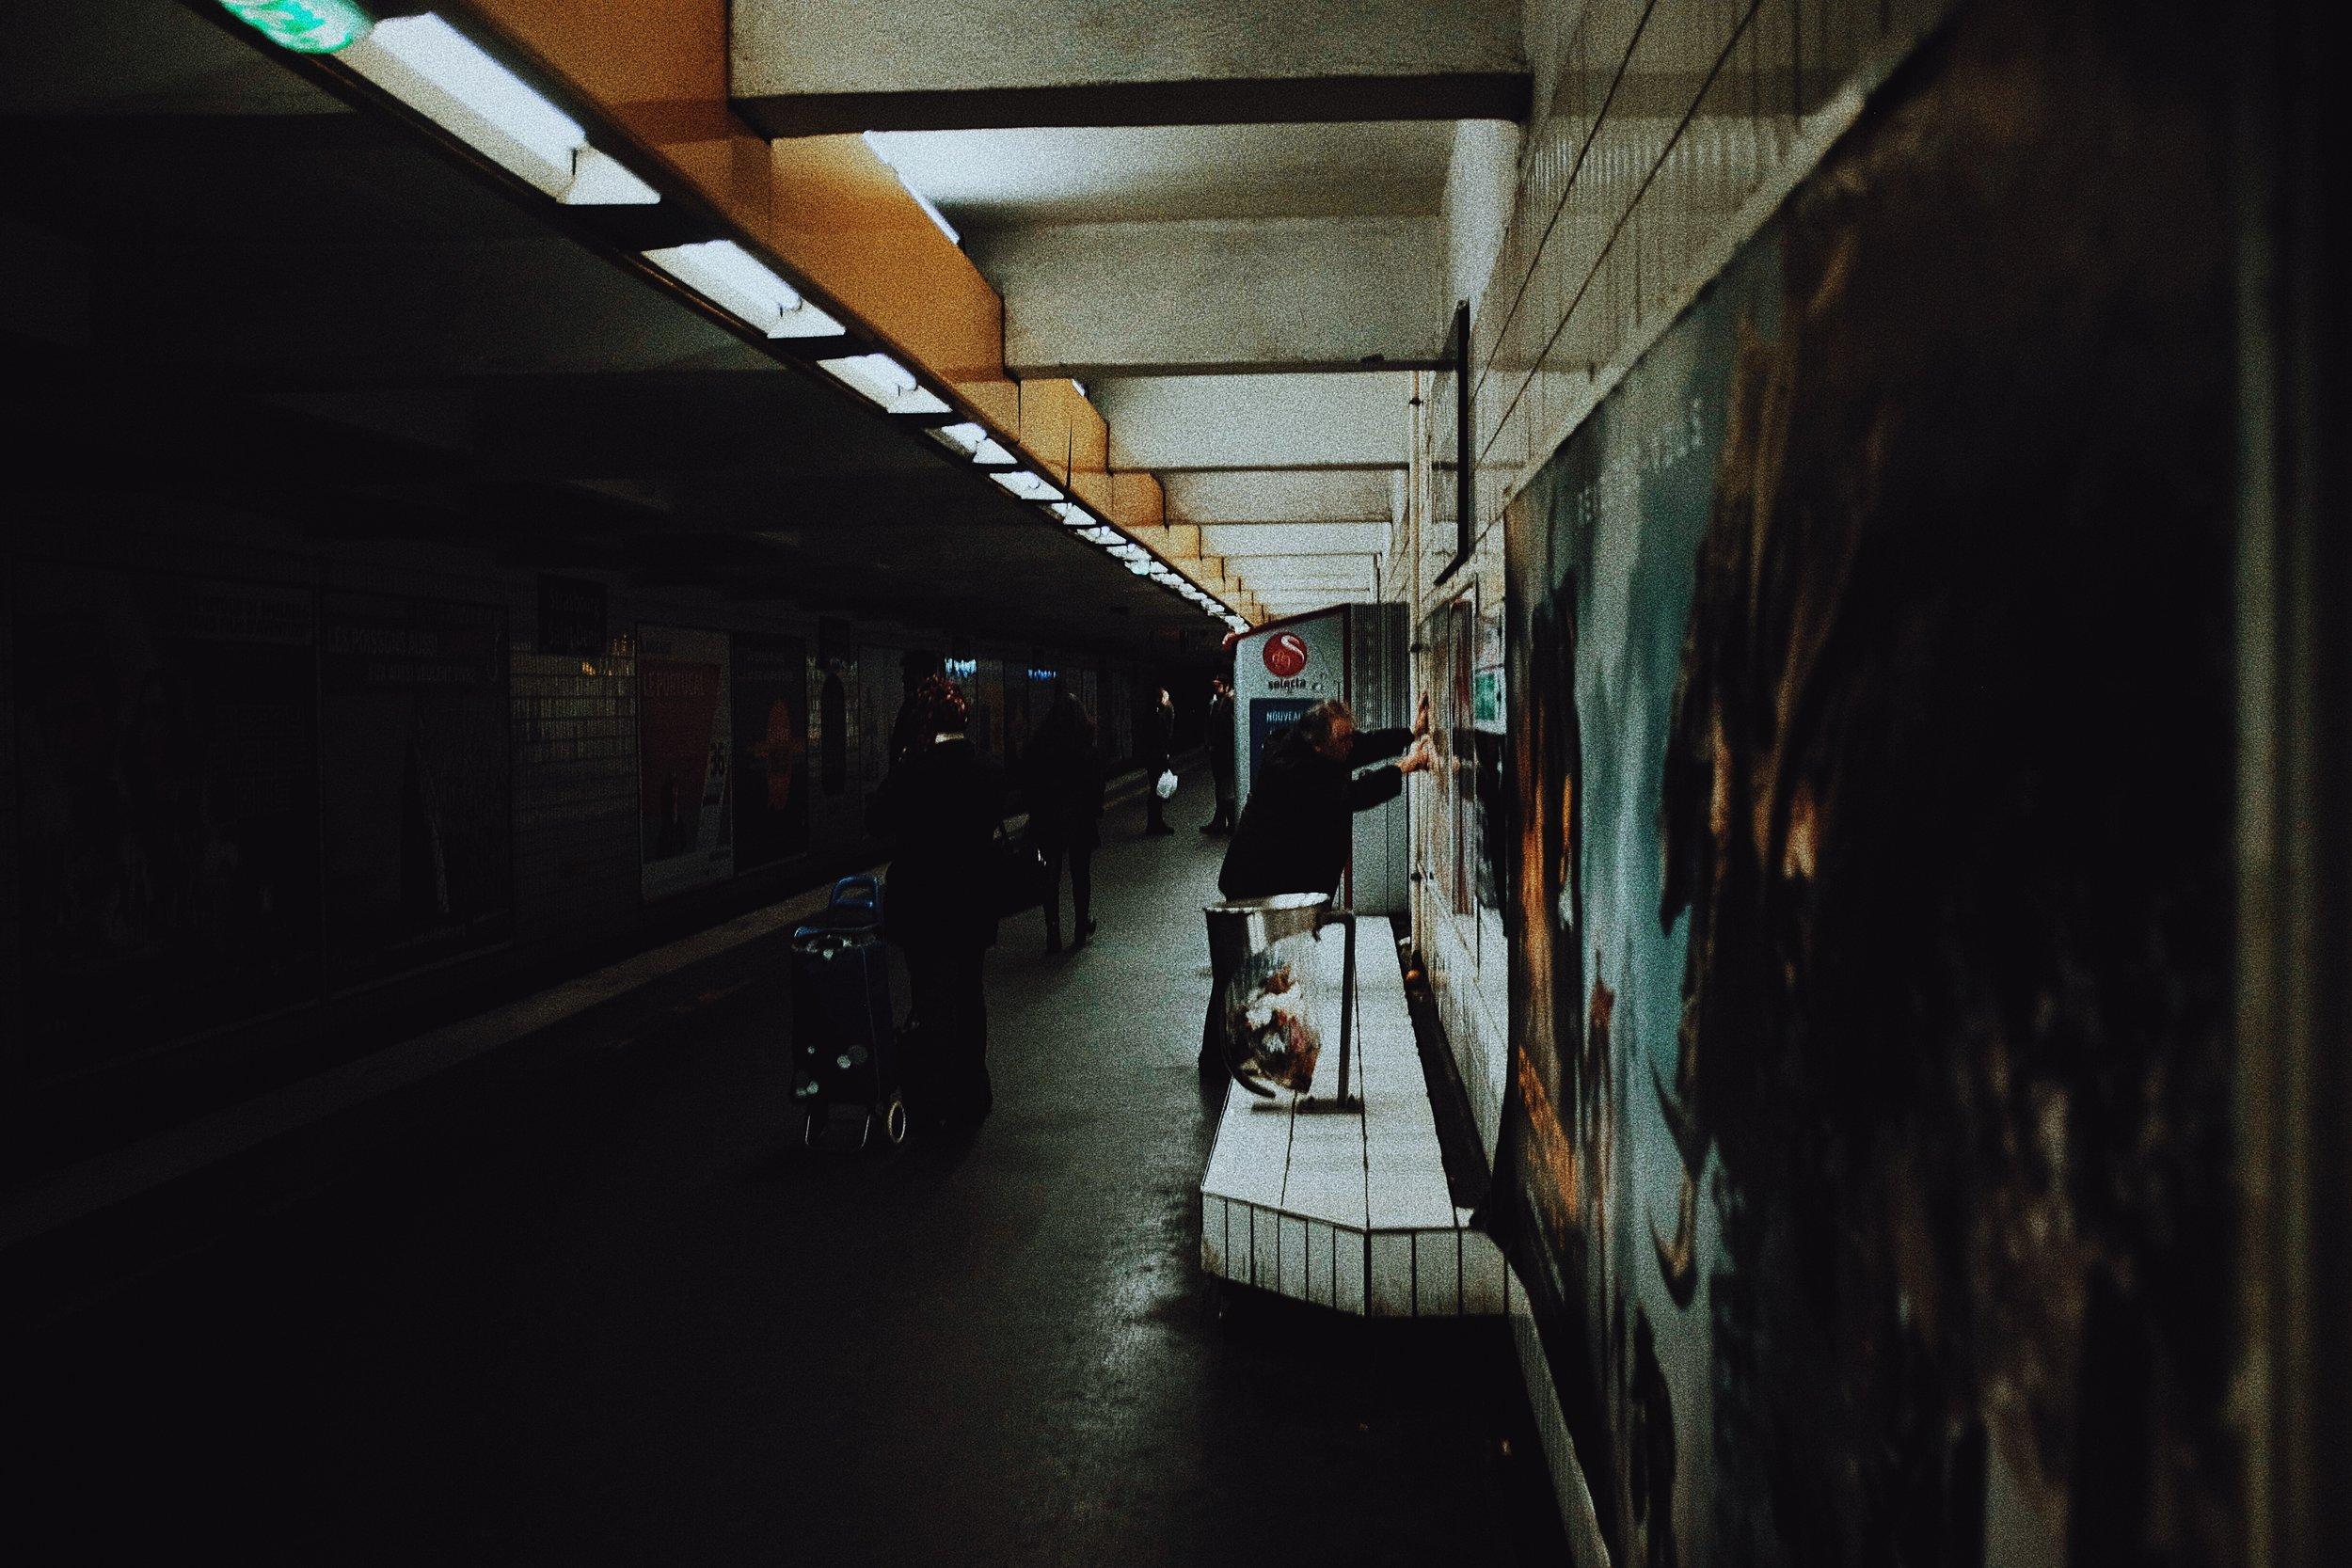 dark mornings in the city 😴